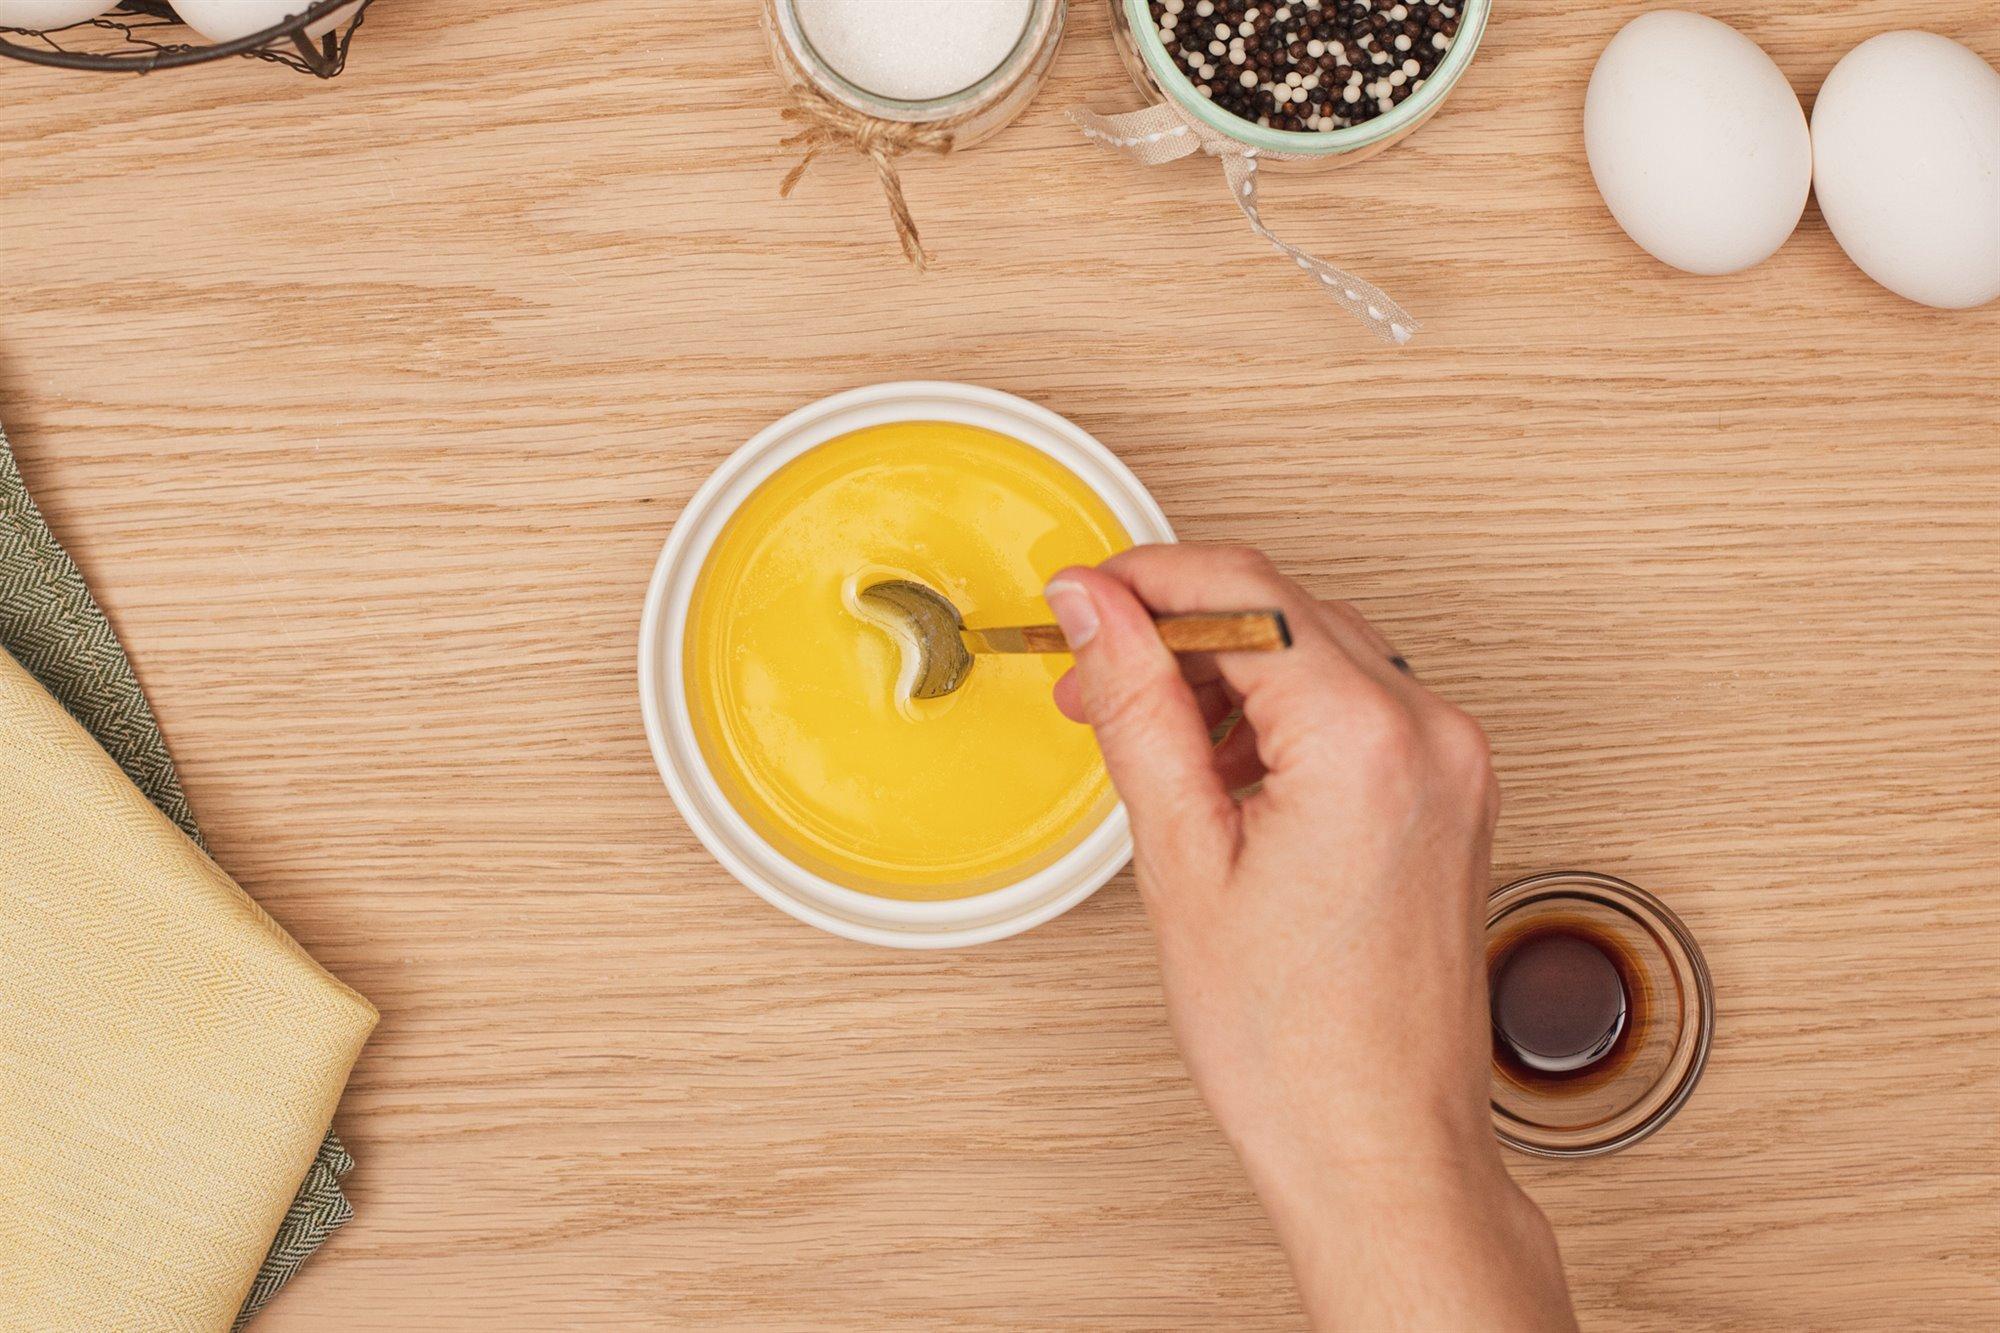 2. Derrite mantequilla